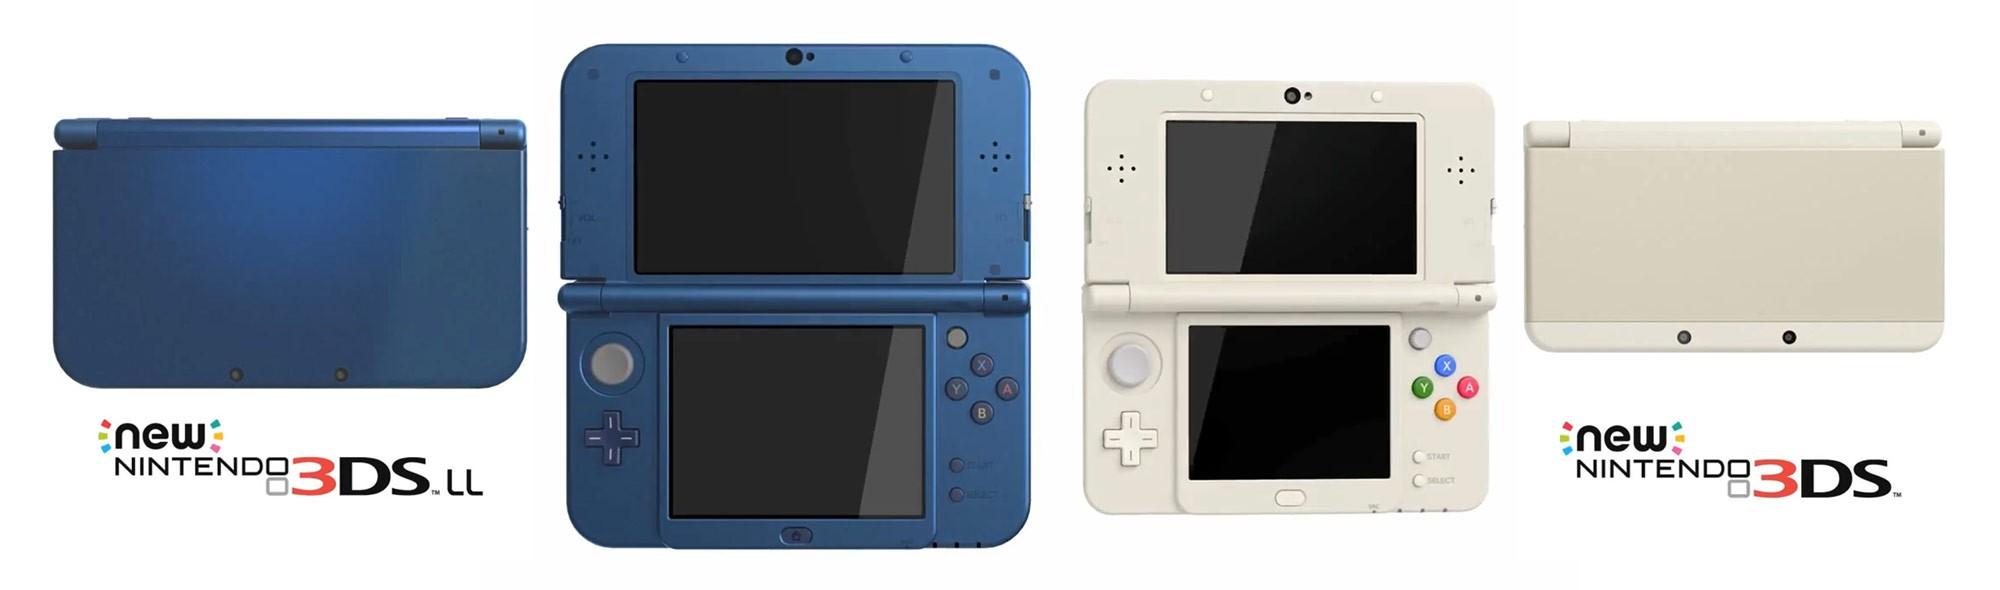 Nintendo 3ds - Garantie console micromania ...